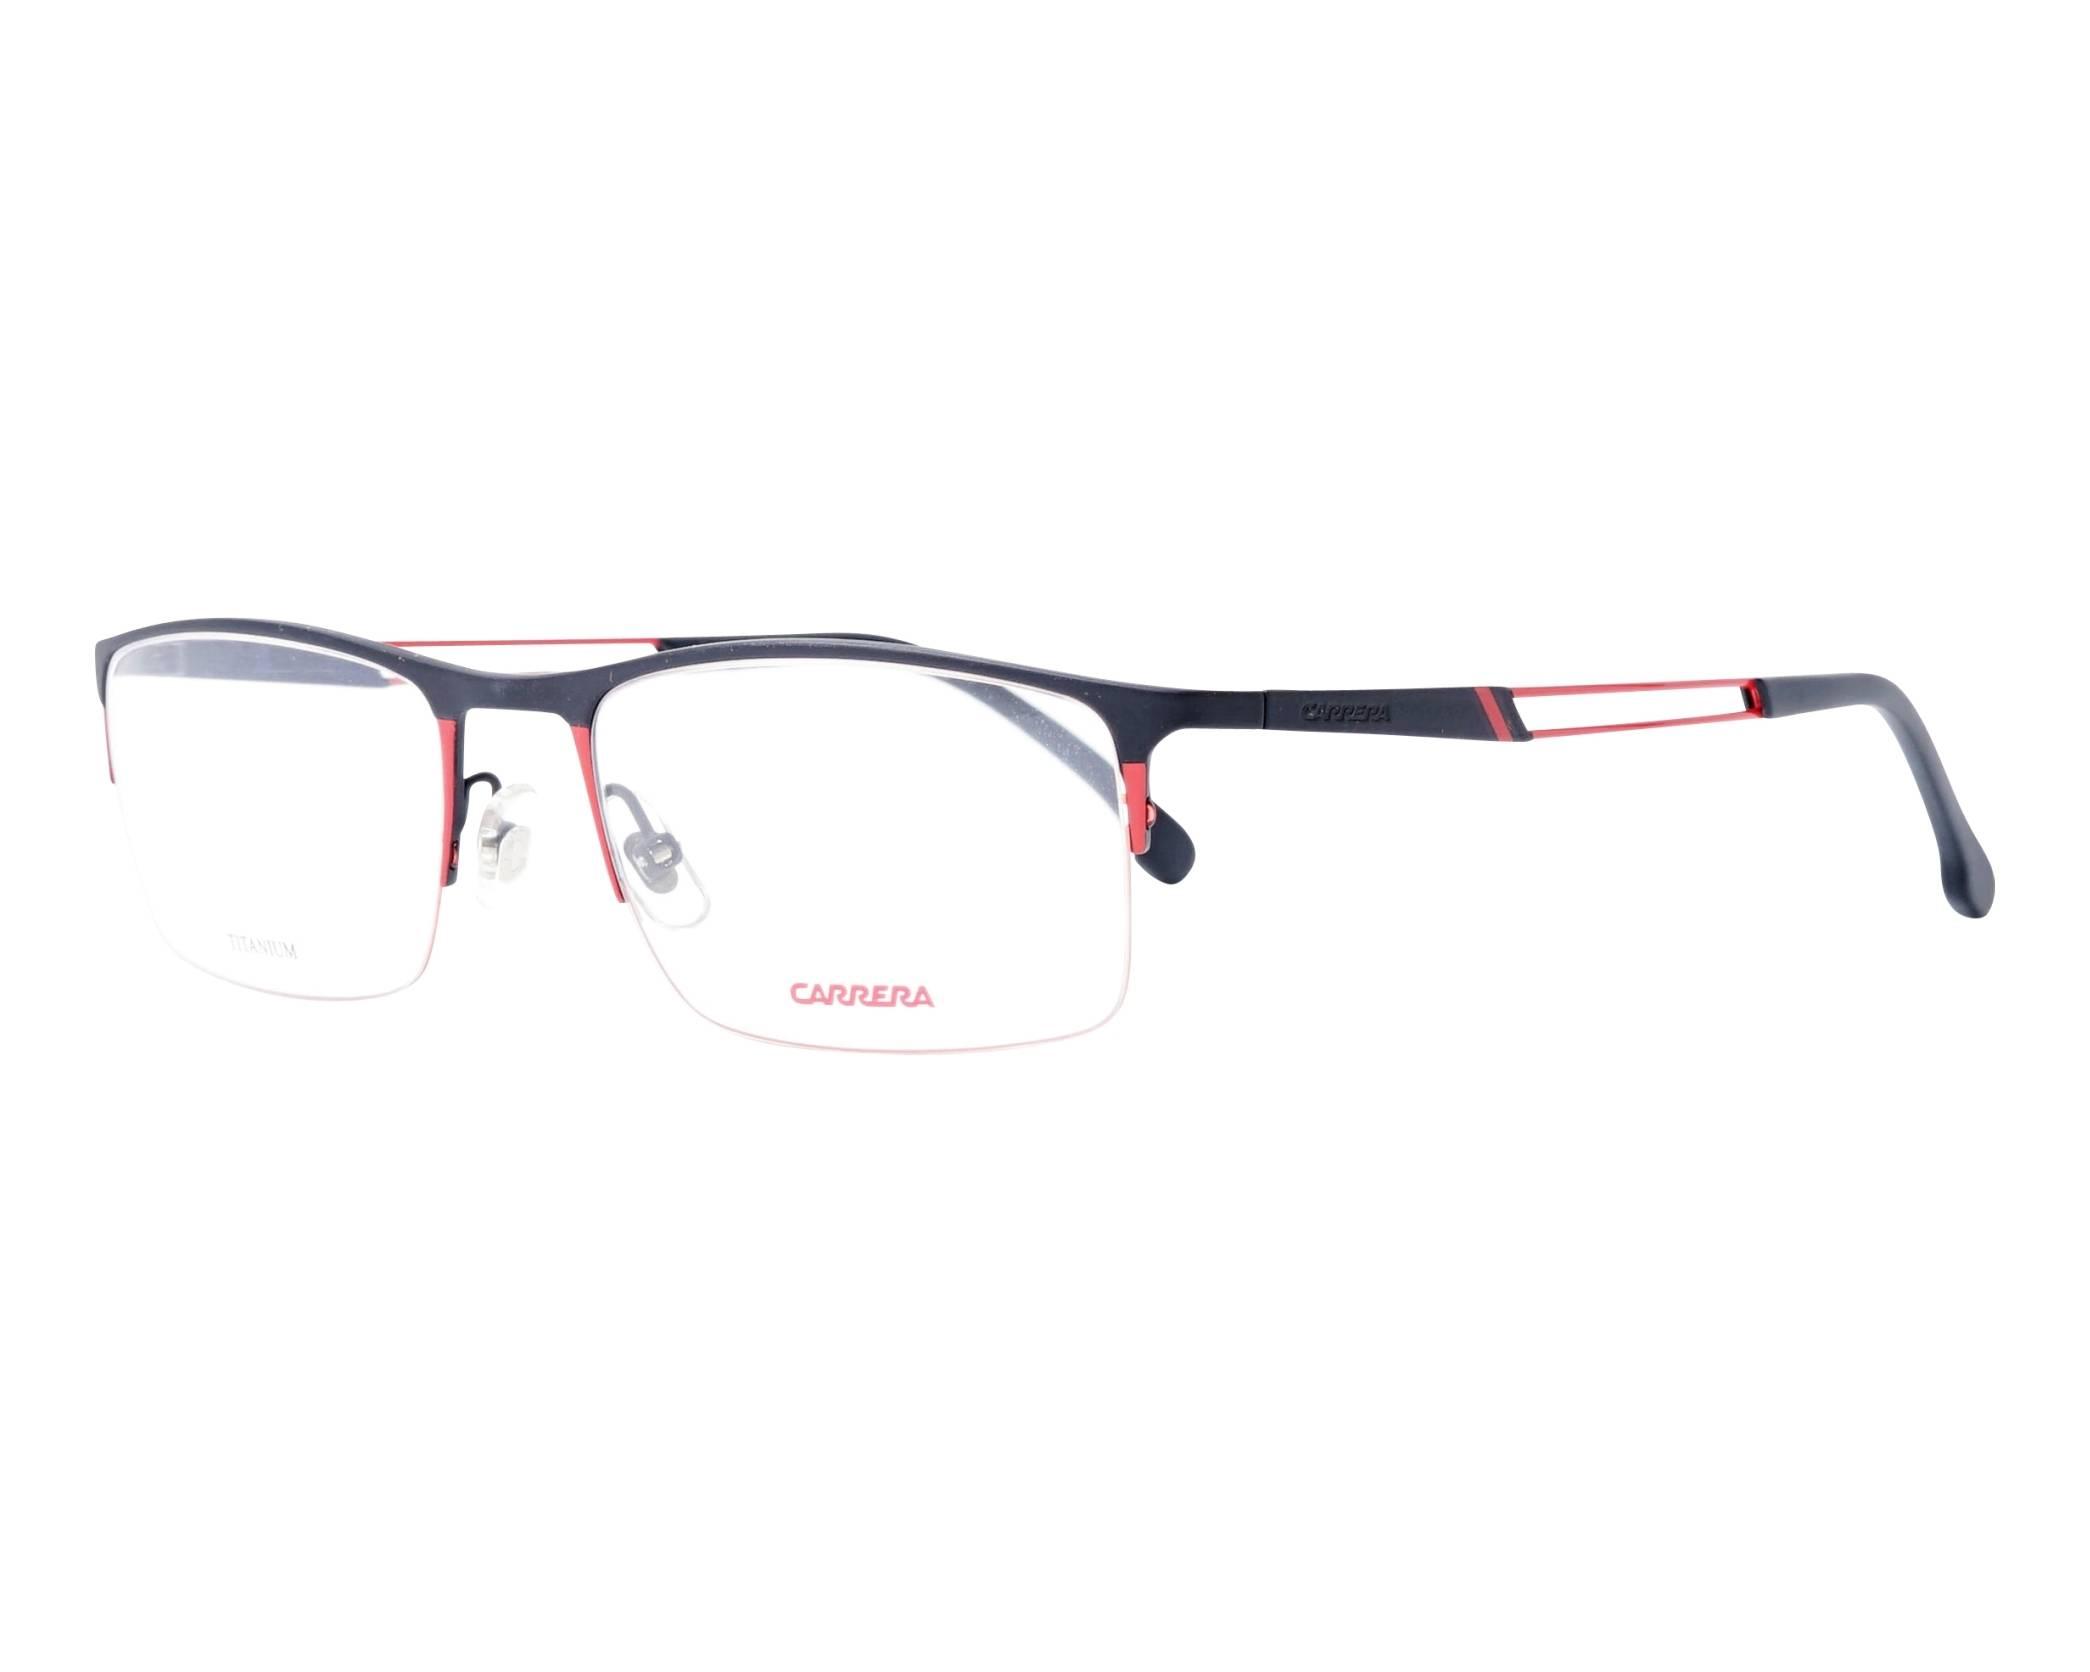 d5ee82b619 Gafas Graduadas Carrera 8832 OIT 55-19 Negra Rojo vista de perfil